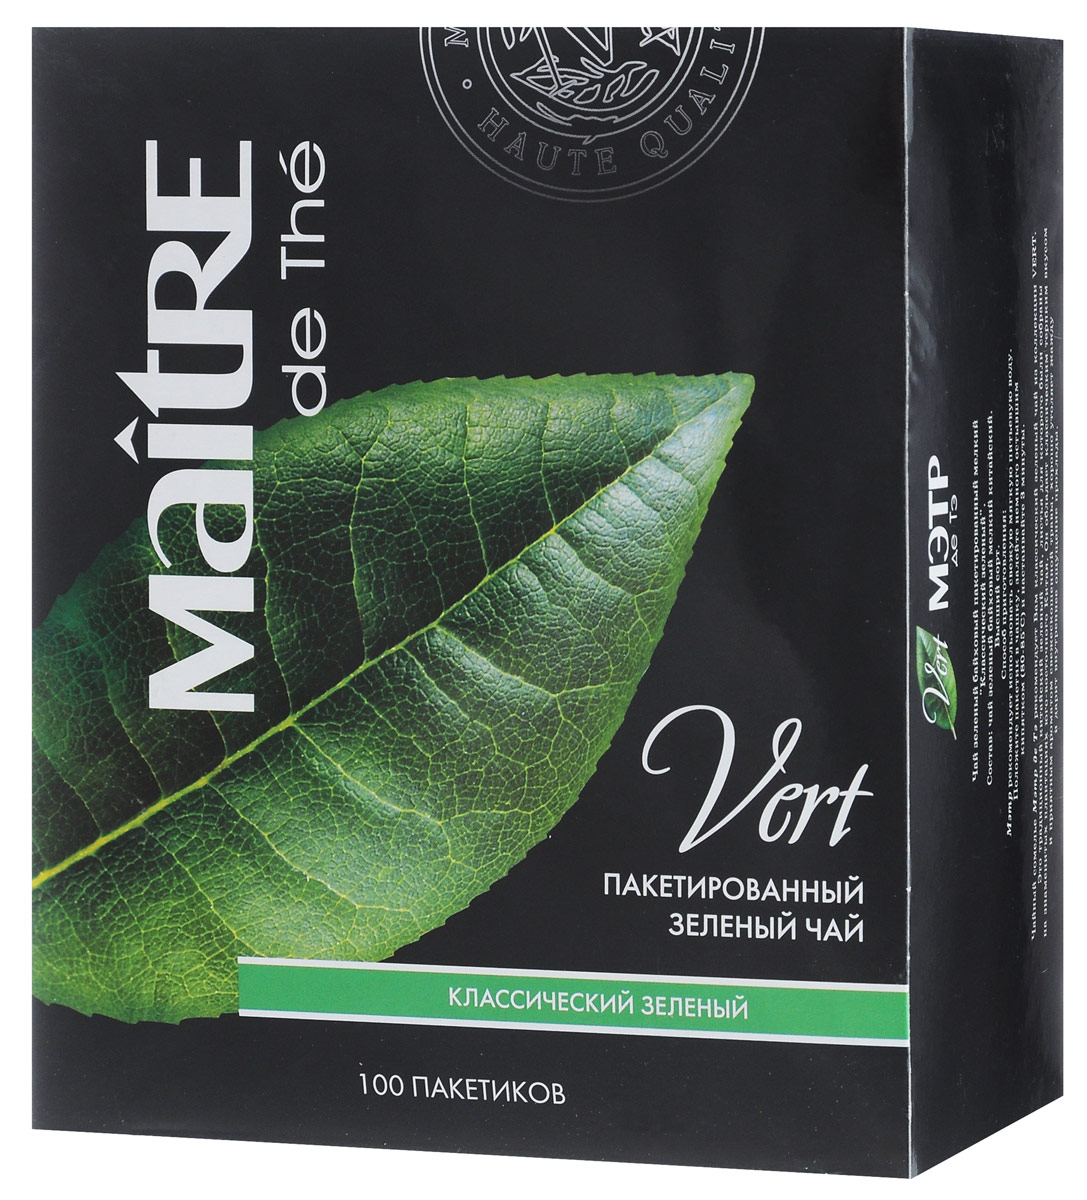 Maitre Классический зеленый байховый чай в пакетиках, 100 шт101246Зеленый байховый чай Maitre Классический в пакетиках для разовой заварки. Это традиционный китайский зеленый чай, листья которого были собраны на знаменитыхплантациях юго-восточного Китая. Он обладает классическим терпким вкусом и приятным ароматом свежей травы, хорошо утоляет жажду и дарит внутреннее ощущение прохлады.